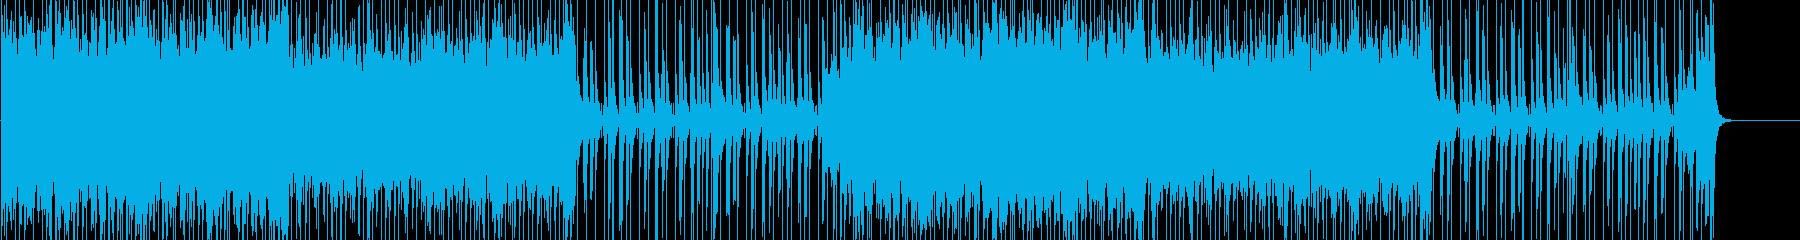 アップテンポなアクションRPGの曲の再生済みの波形